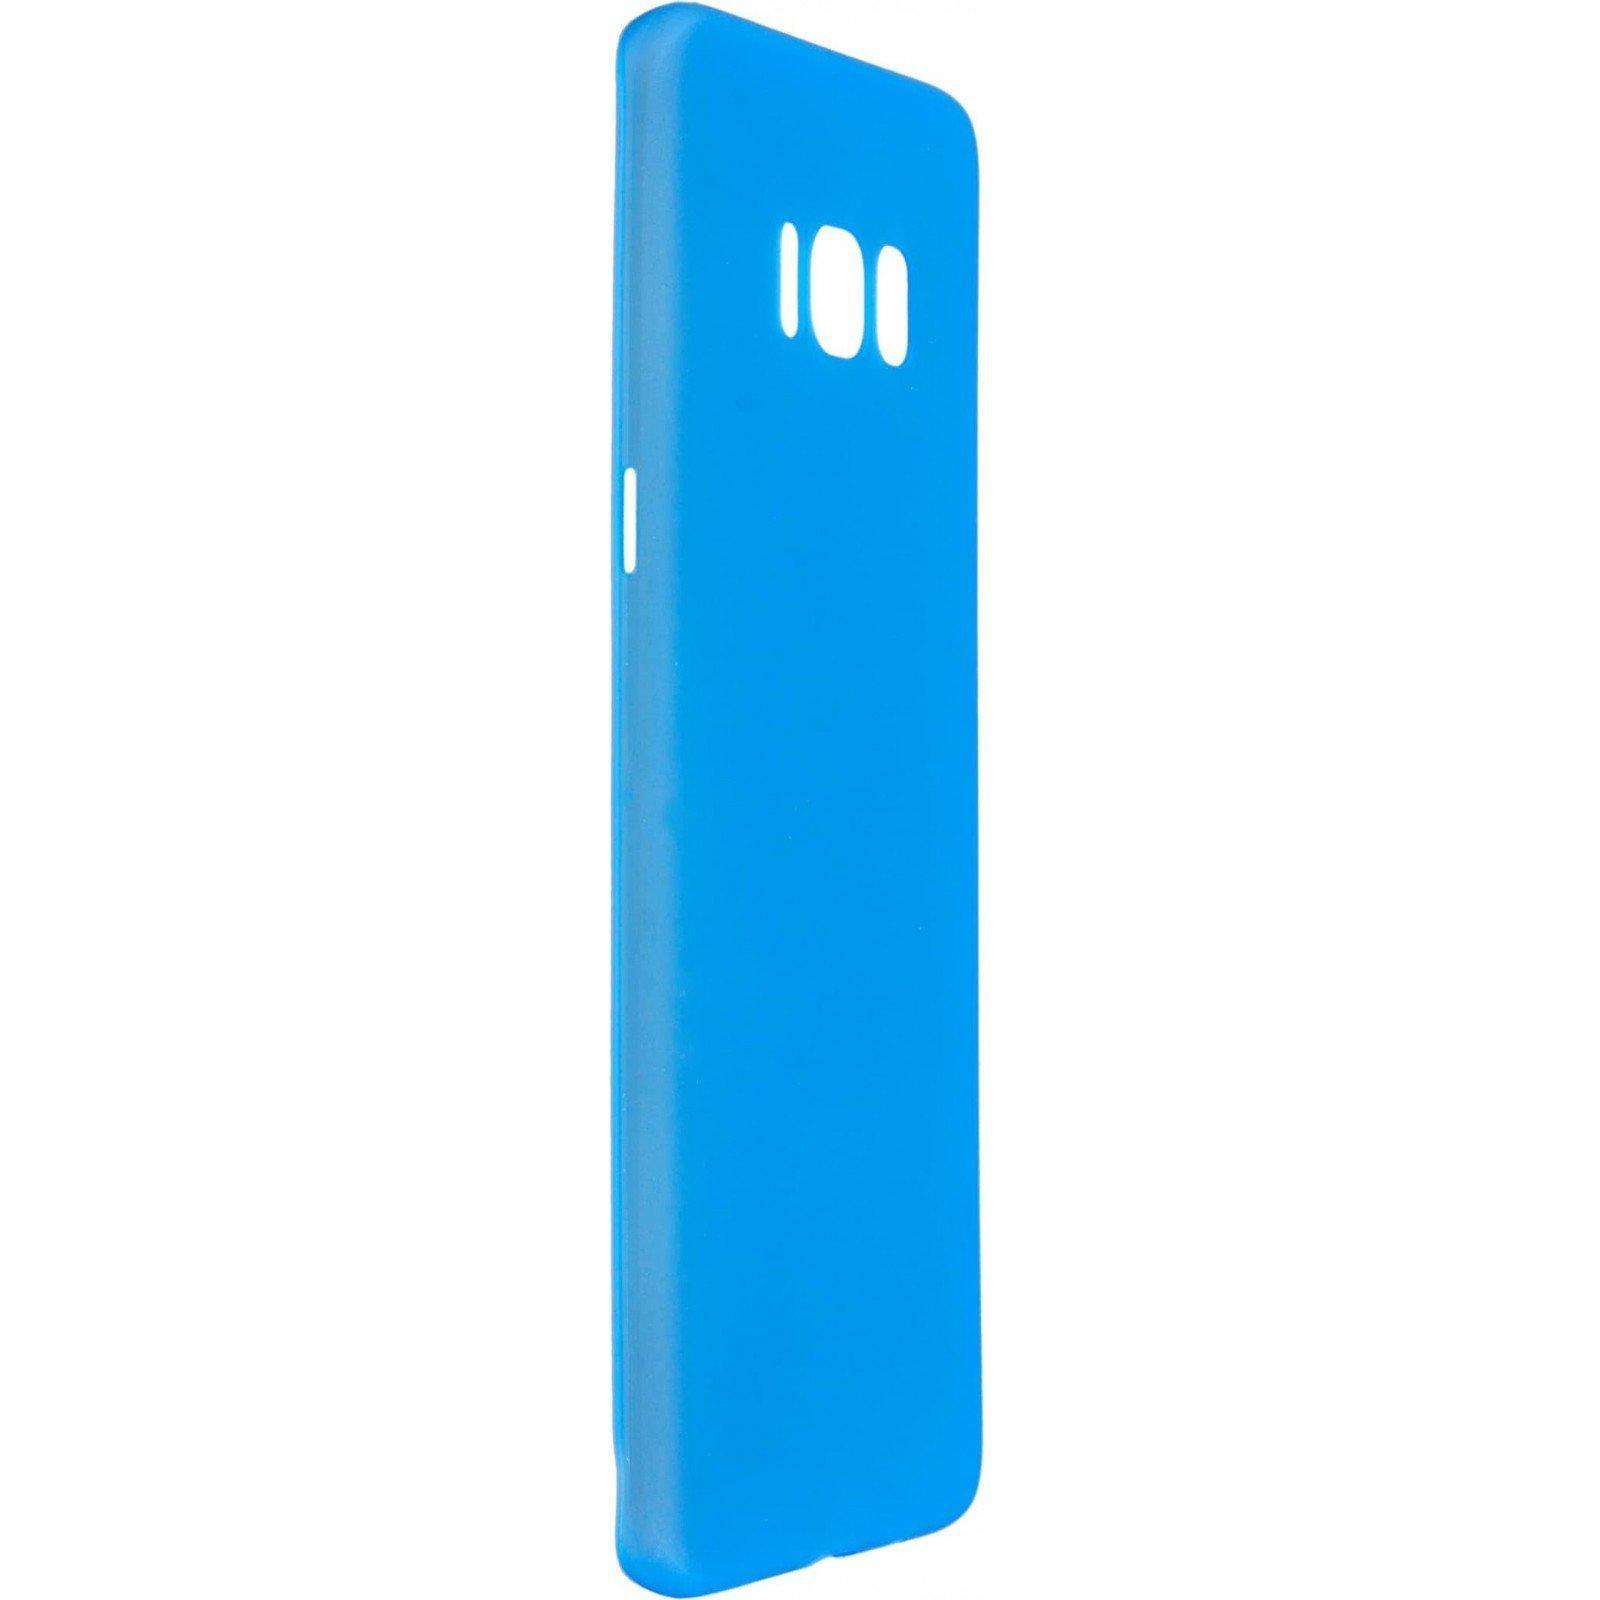 Чехол для моб. телефона MakeFuture Ice Case (PP) для Samsung S8 Blue (MCI-SS8BL) изображение 2